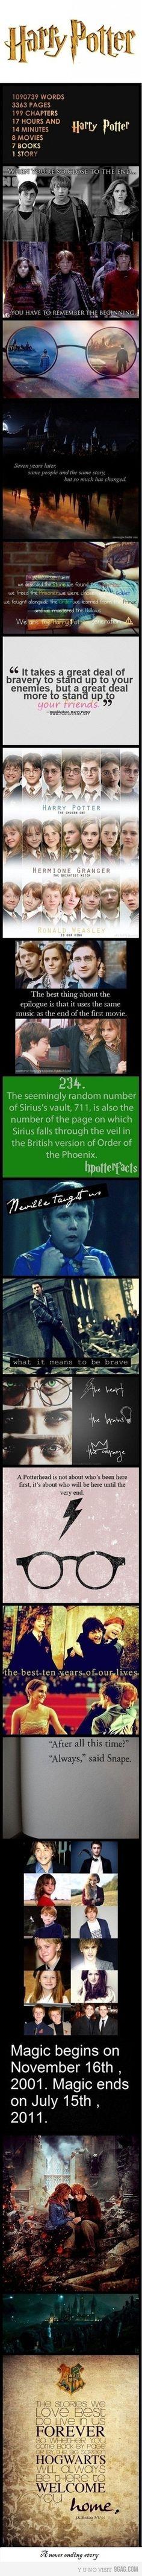 Harry Potter geekery. LOVE